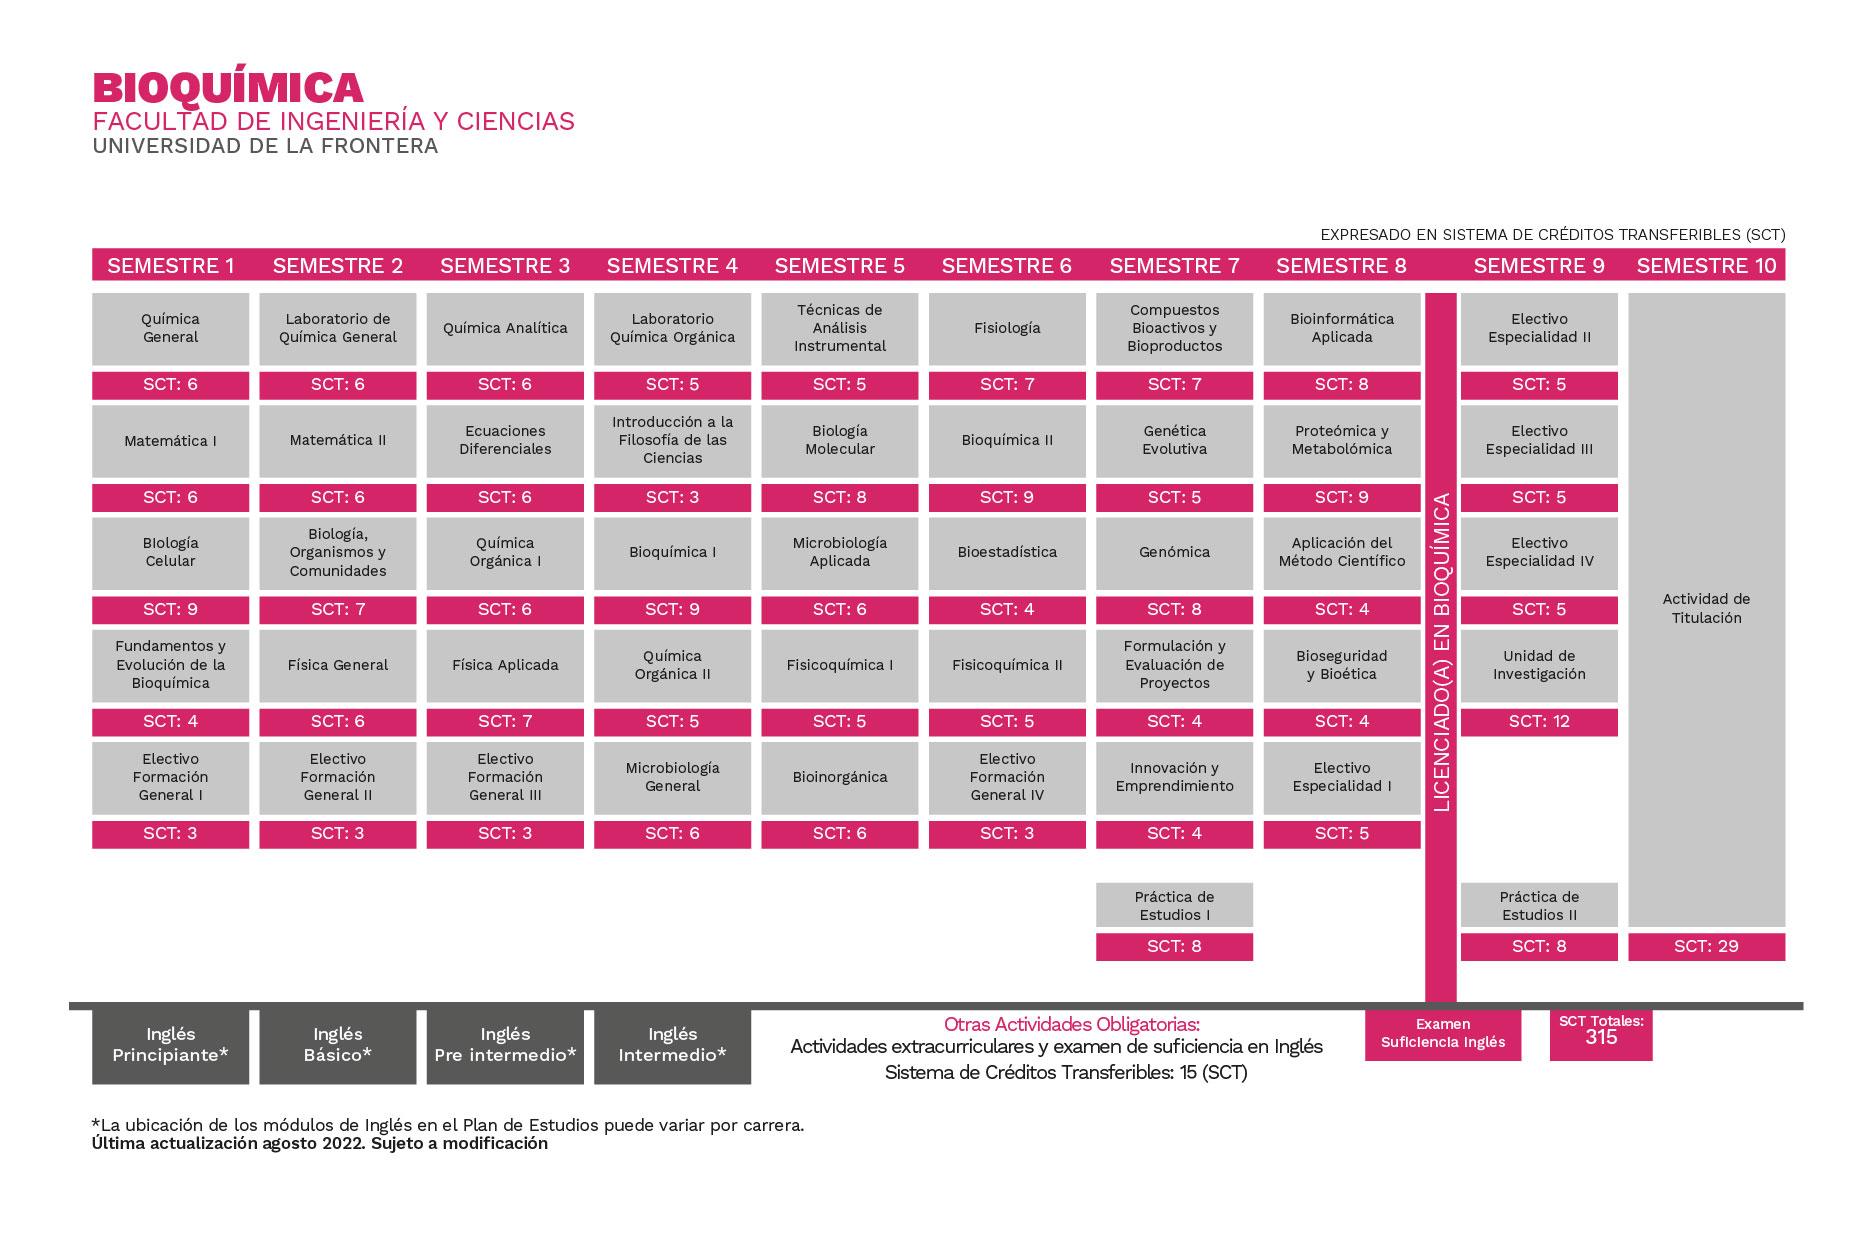 Plan de Estudios Bioquímica Universidad de La Frontera